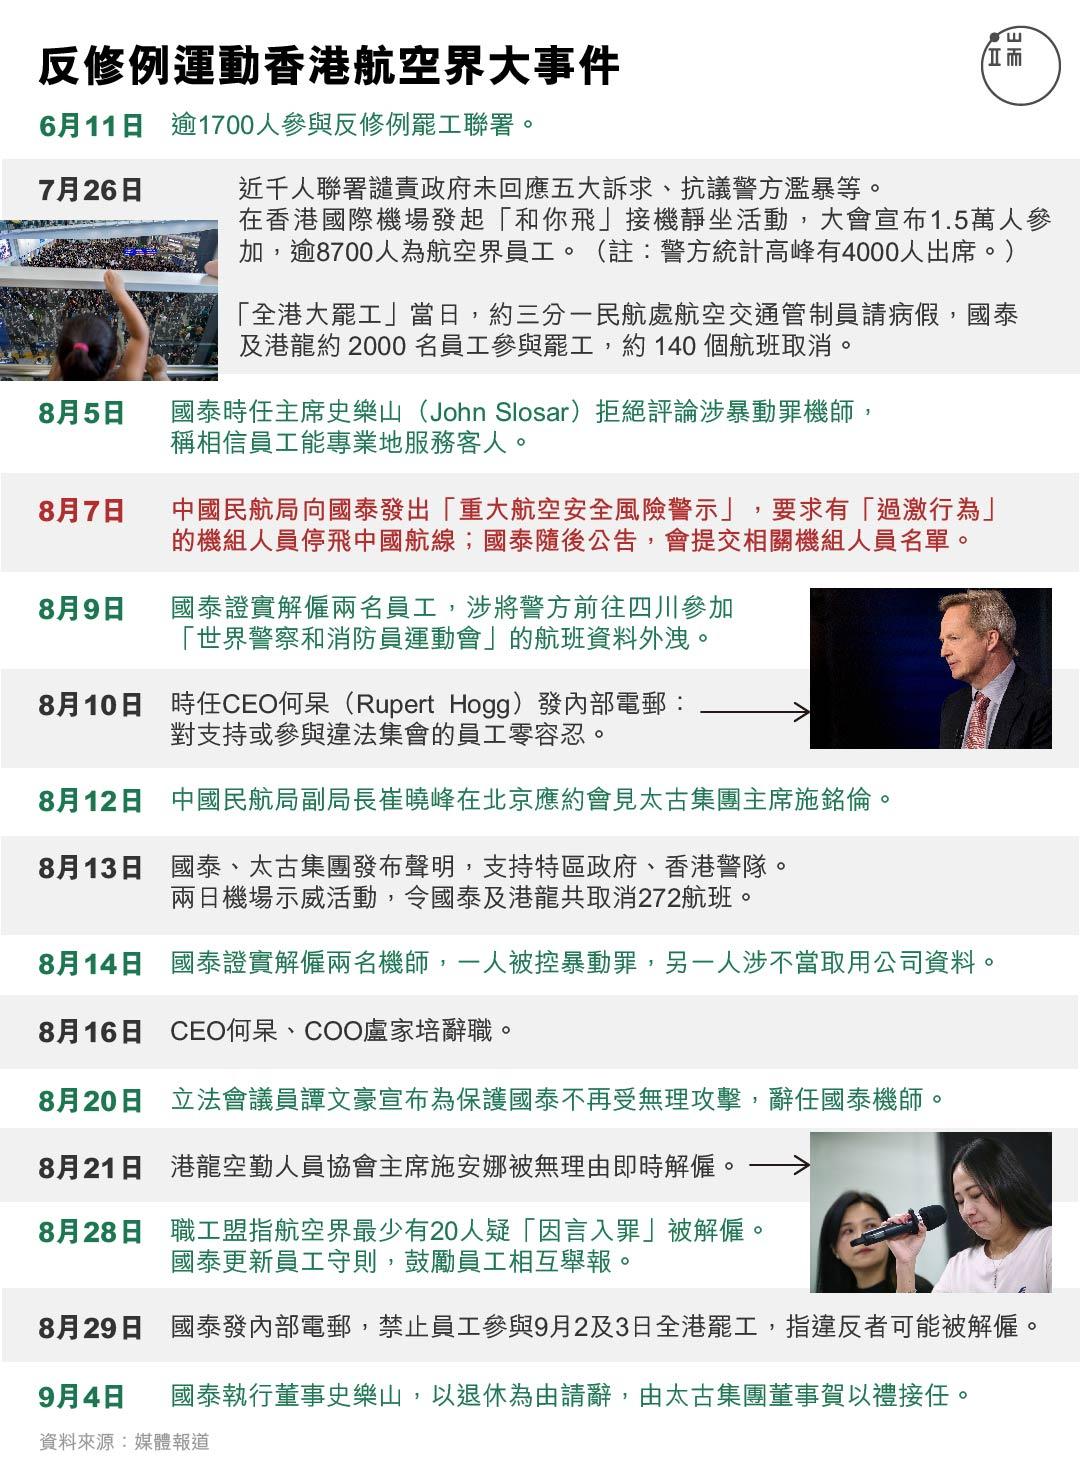 反修例運動香港航空界大事件